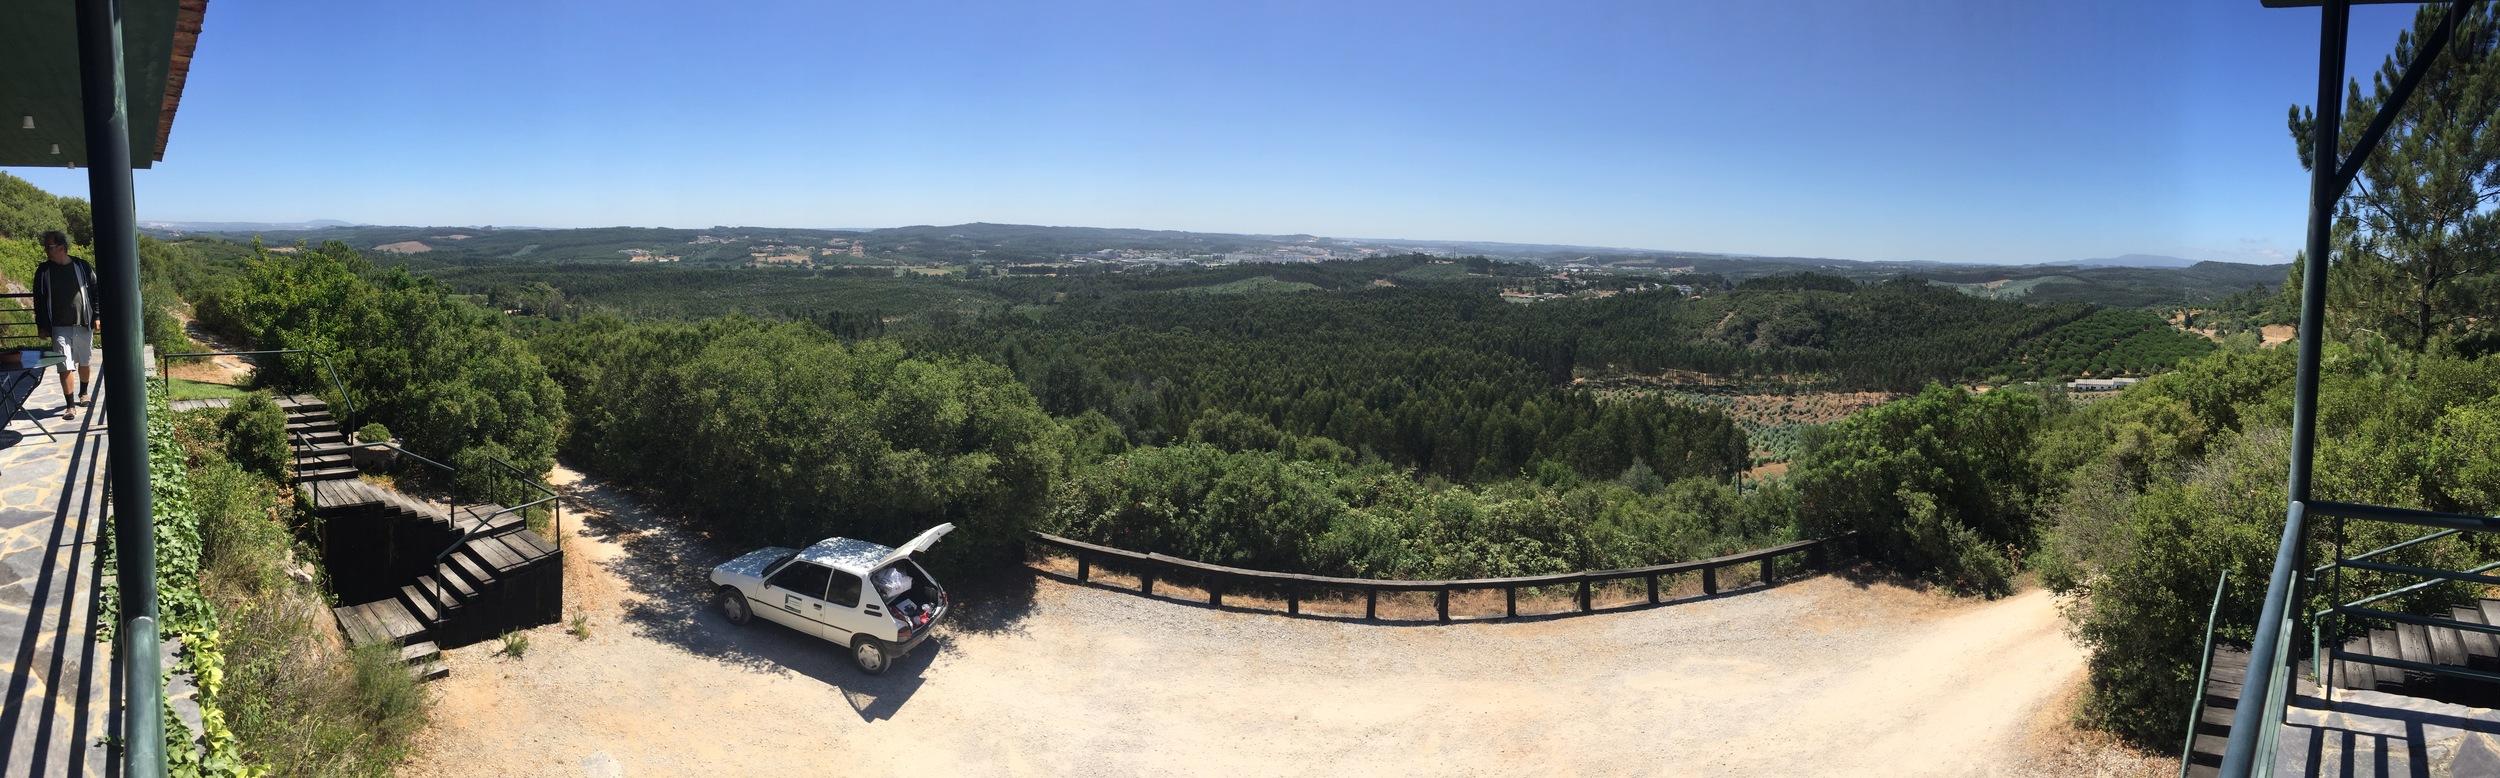 Utsikten från mitt andra hotell